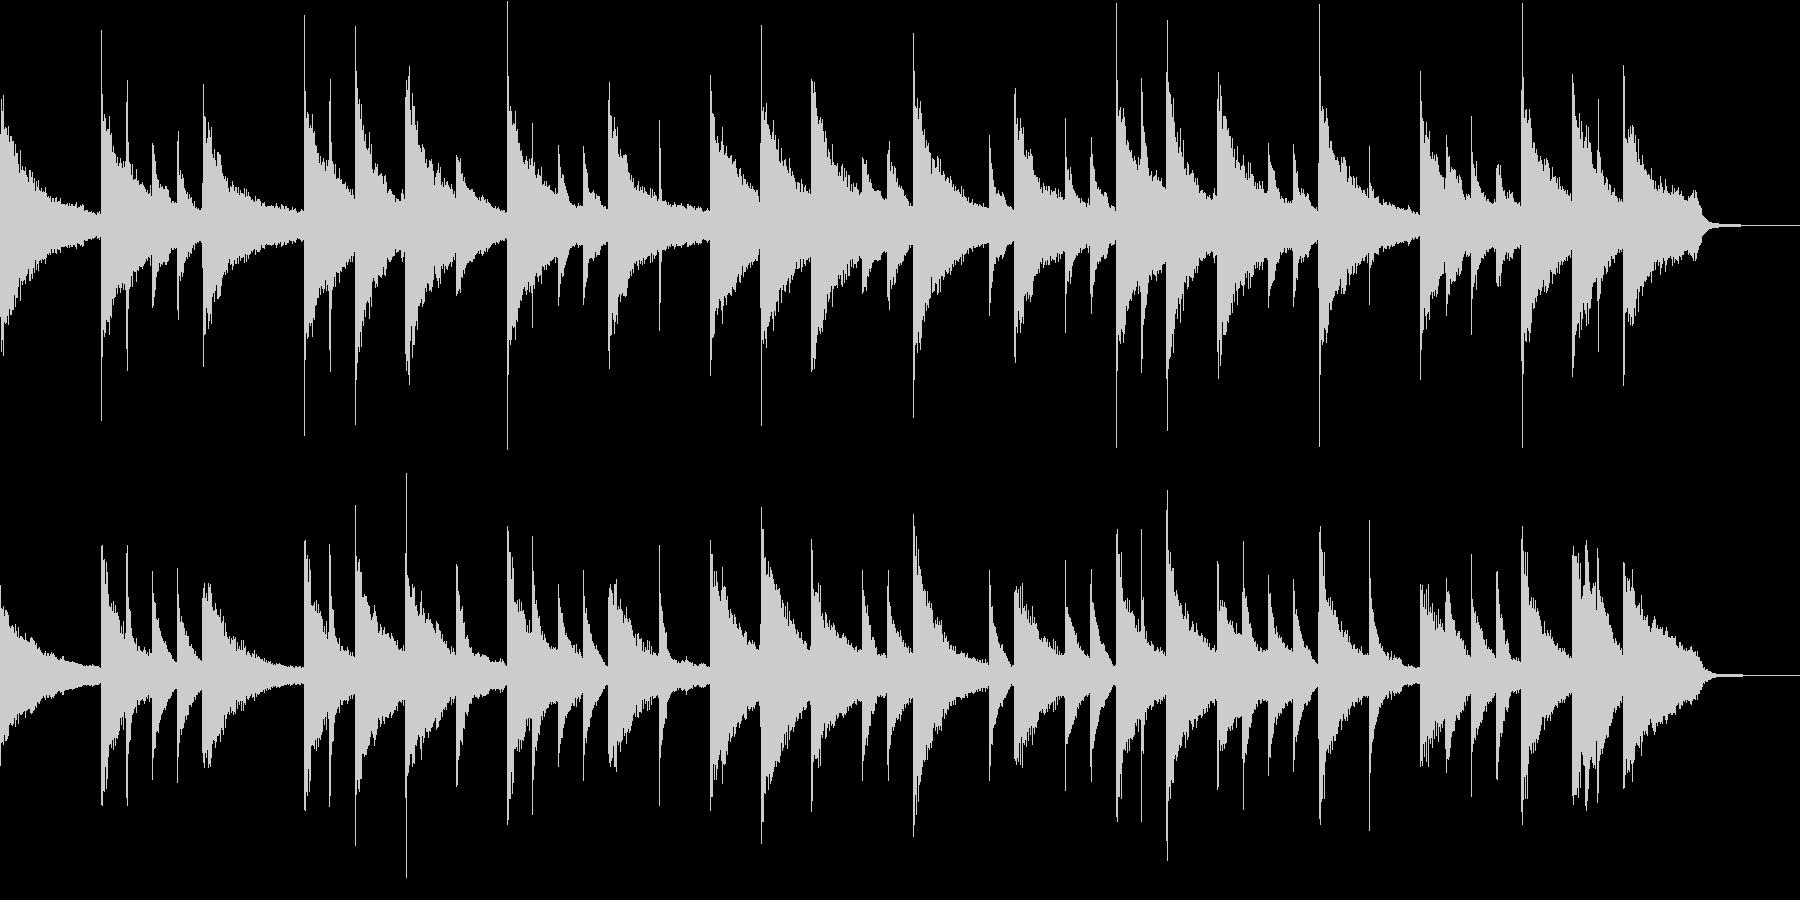 ピアノで回想シーン、CM向けな曲の未再生の波形